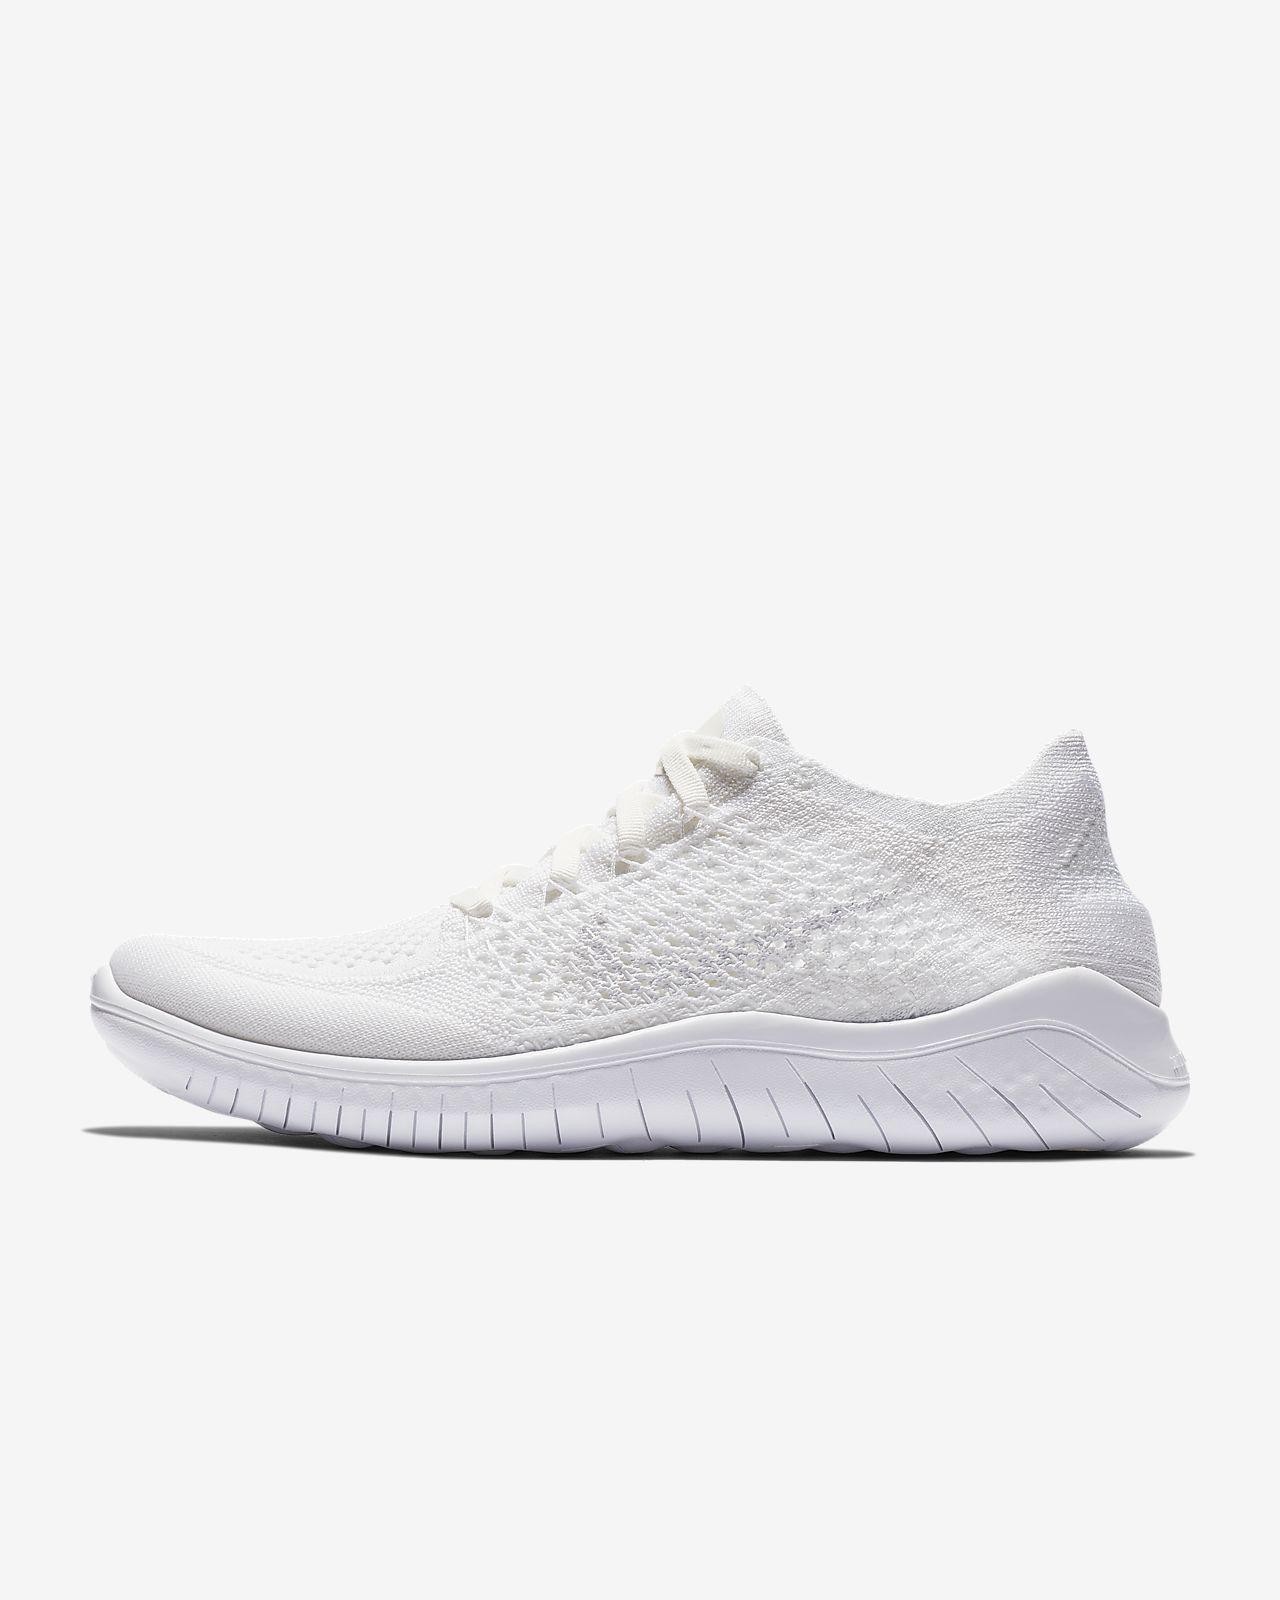 2f98fcd43c15ff Nike Free RN Flyknit 2018 Damen-Laufschuh - f6460a - schlemme-zahntechnik.de